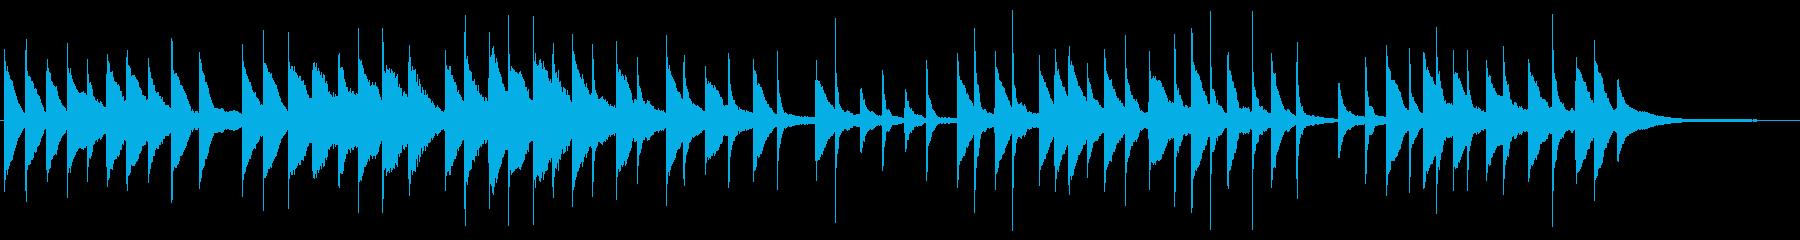 Slow and dark piano ballad's reproduced waveform